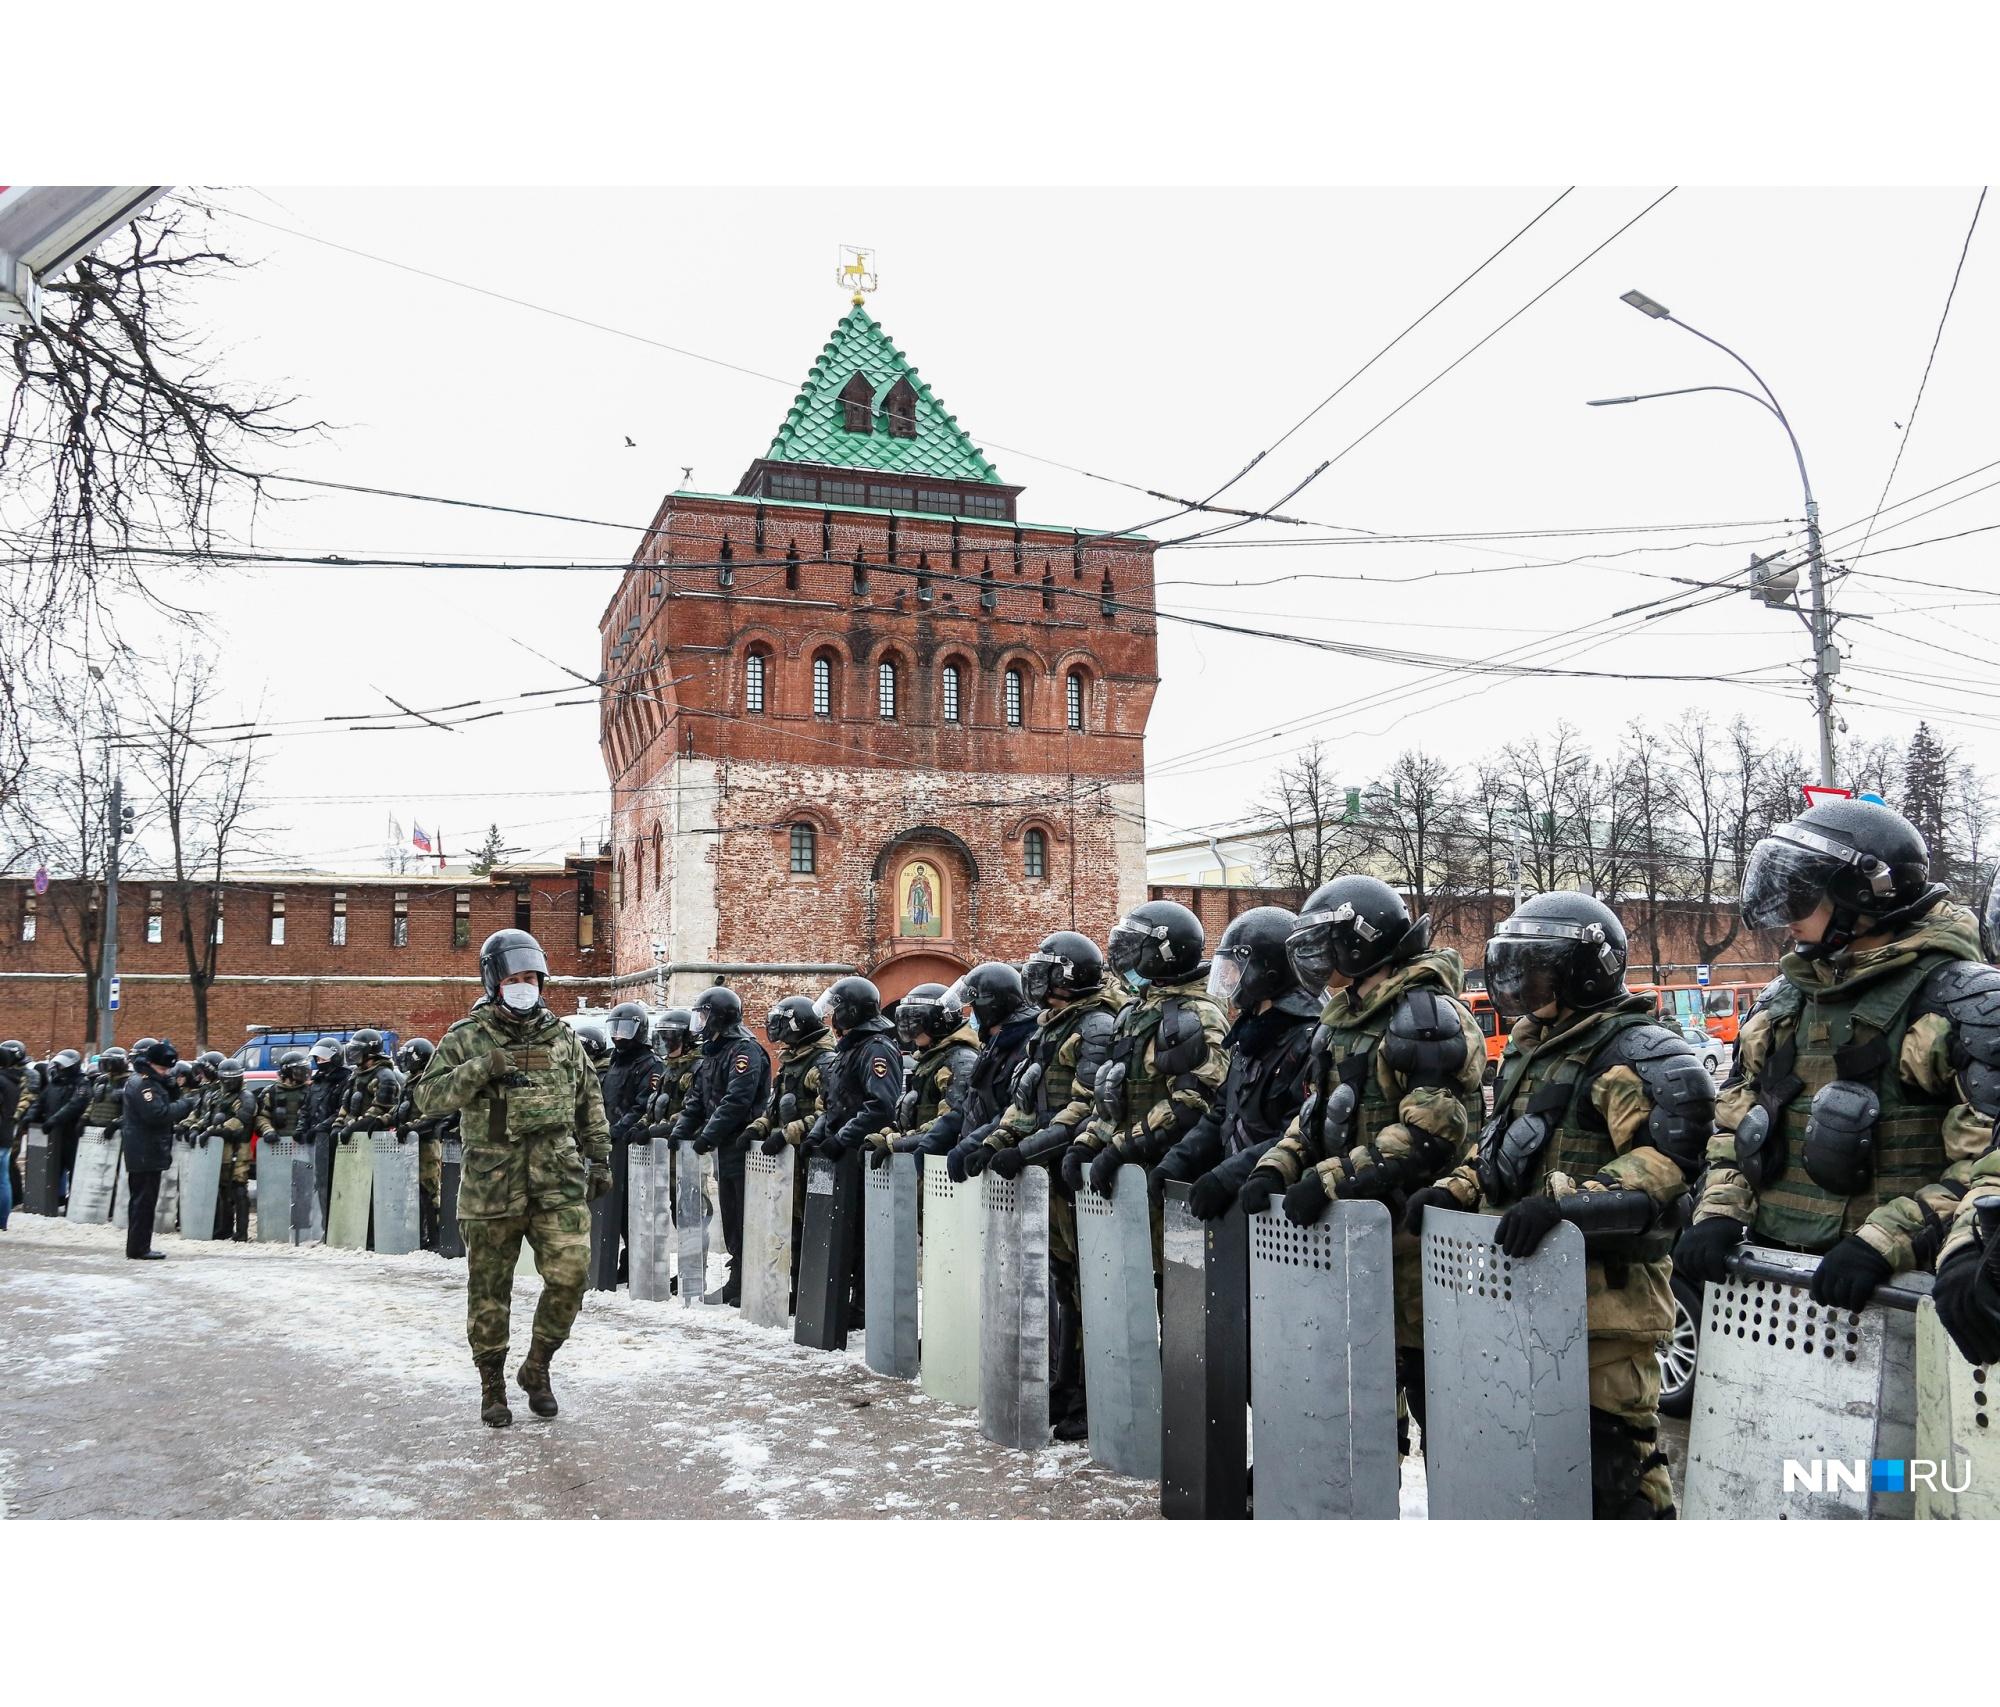 В прошлый раз площадь Минина и Пожарского стала финальной точкой шествия. В этот раз силовики этого не допустили и перекрыли ее полностью